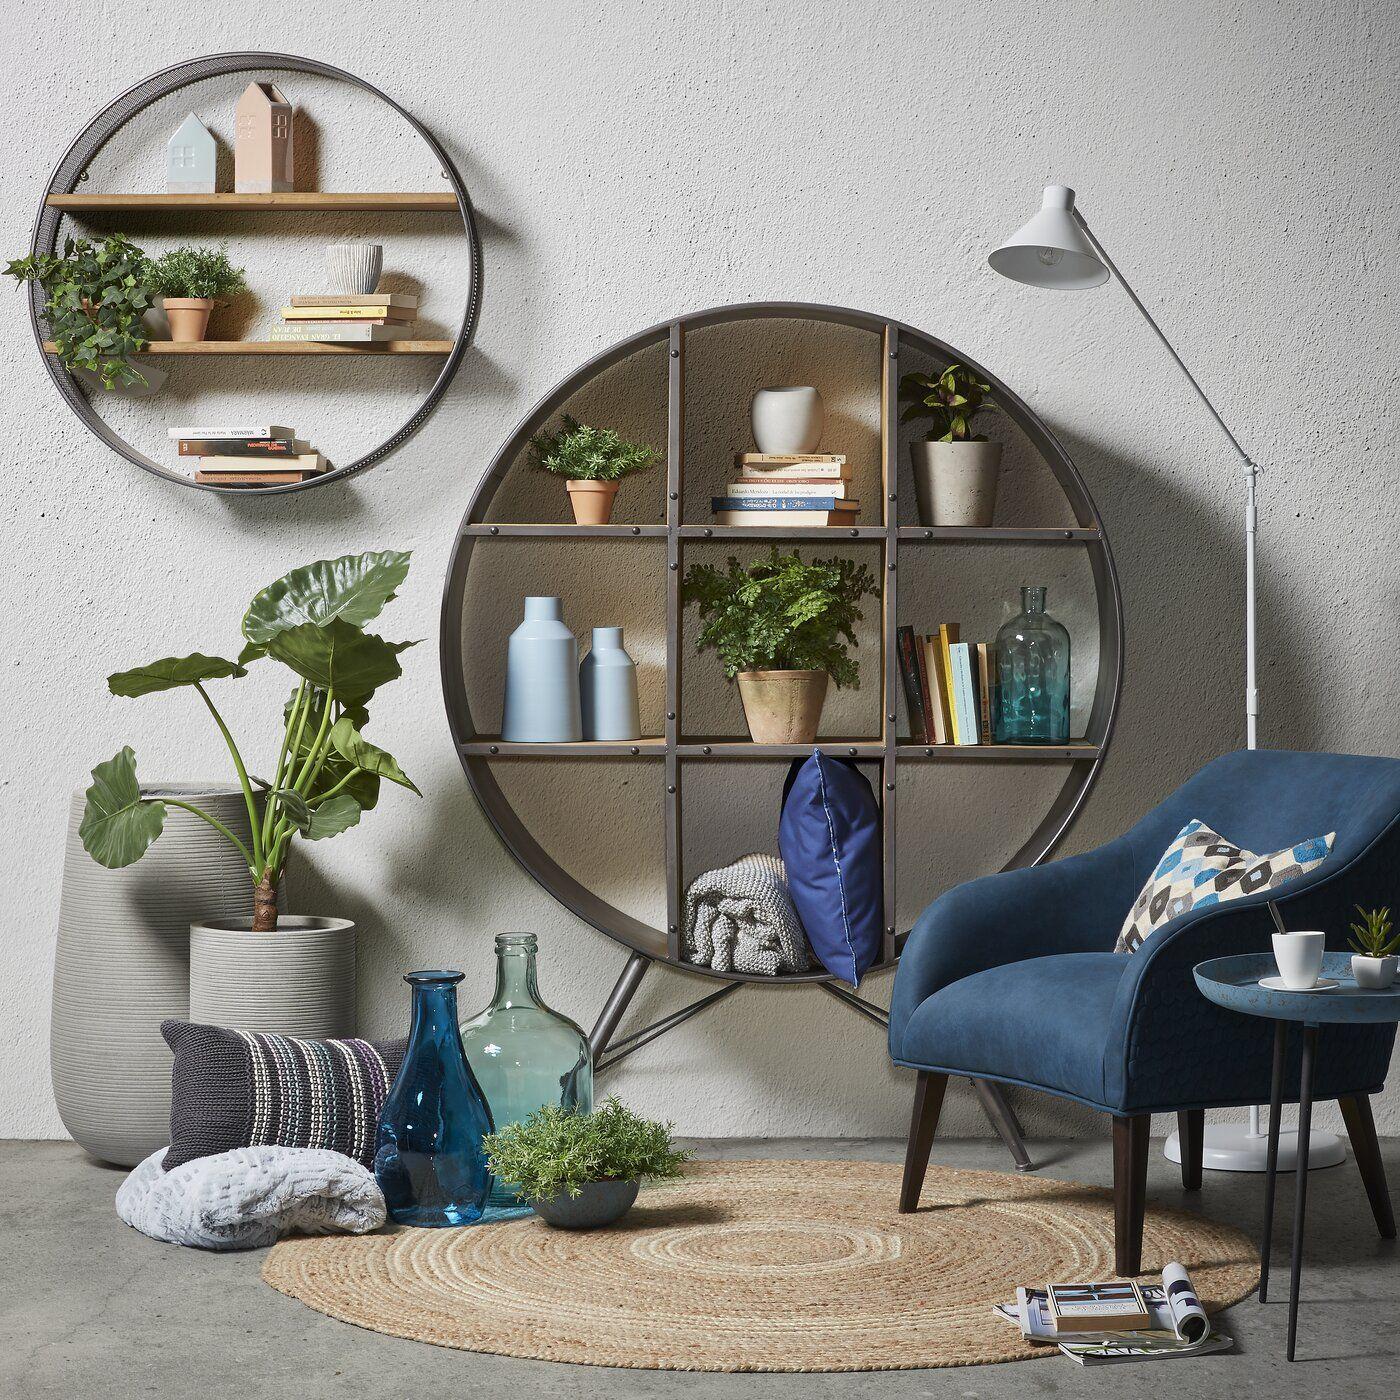 Wandregal Candide Wohnzimmer Design Haus Deko Und Wandregal